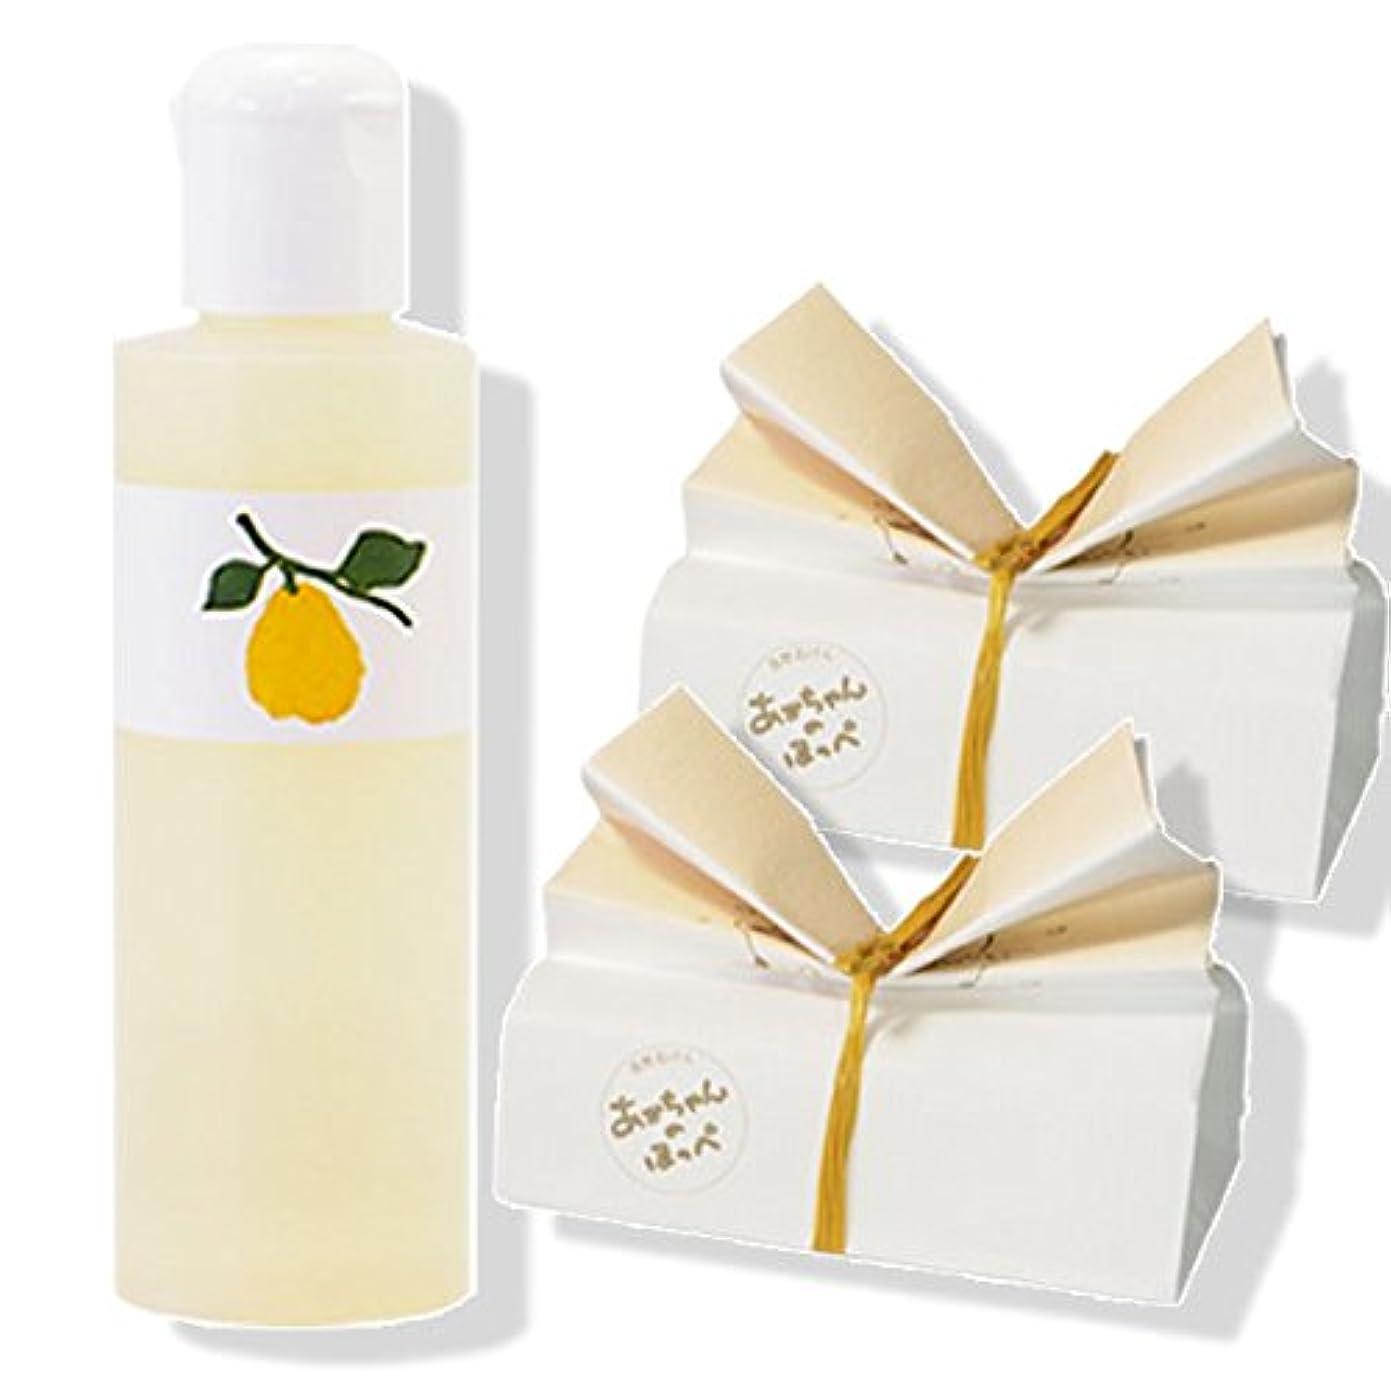 割れ目噴水裏切り者「花梨の化粧水」1本 & 「あかちゃんのほっぺ」石鹸 2個セット